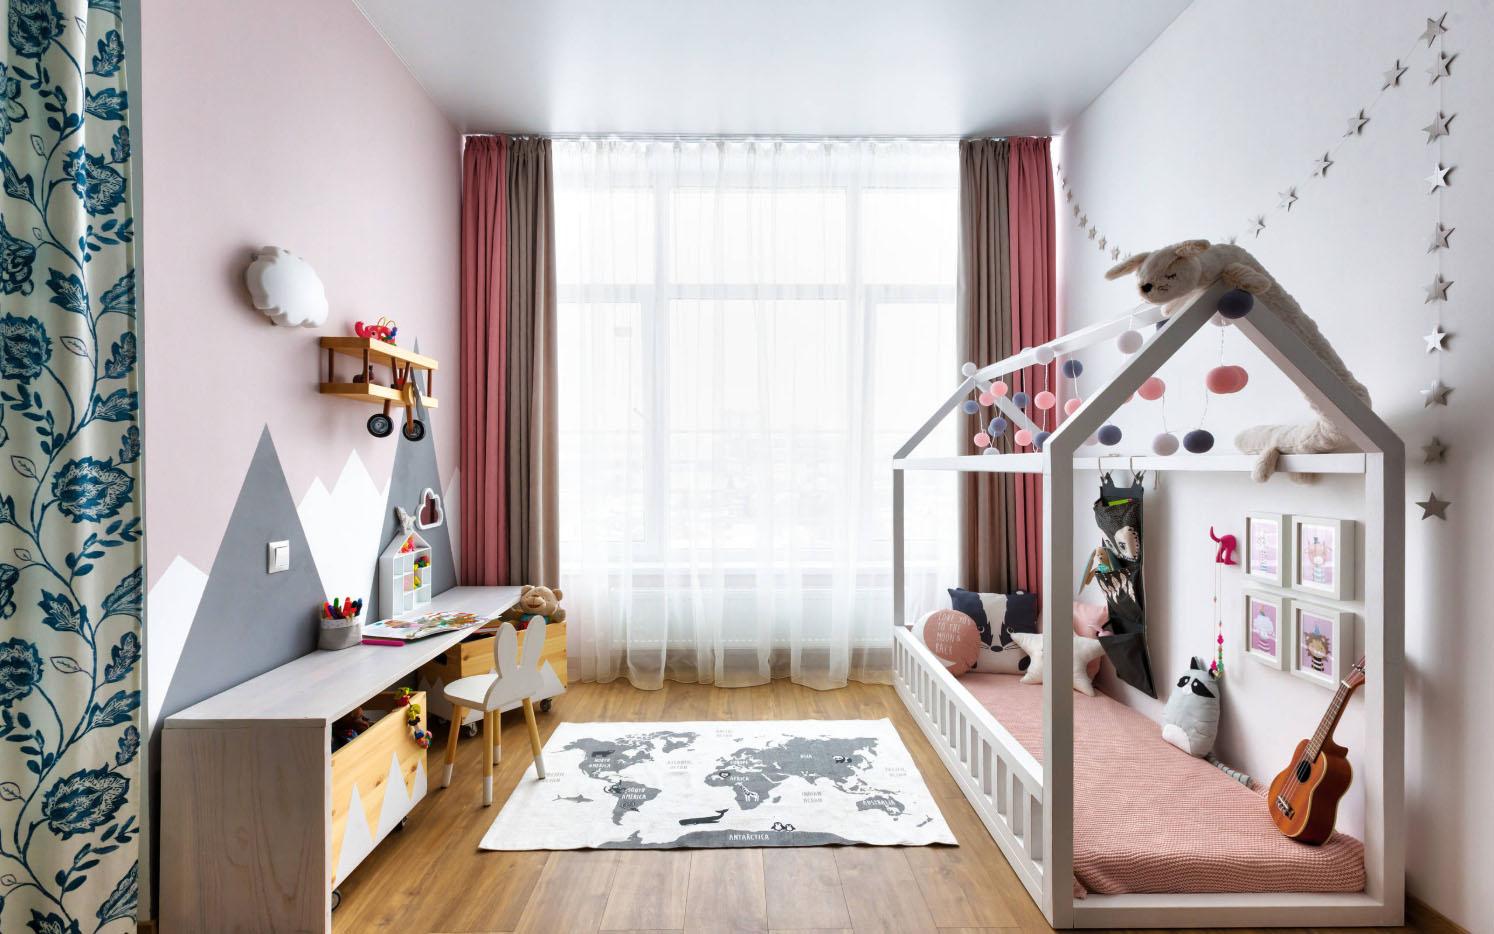 дизайн 1 комнатной квартиры для семьи с ребенком